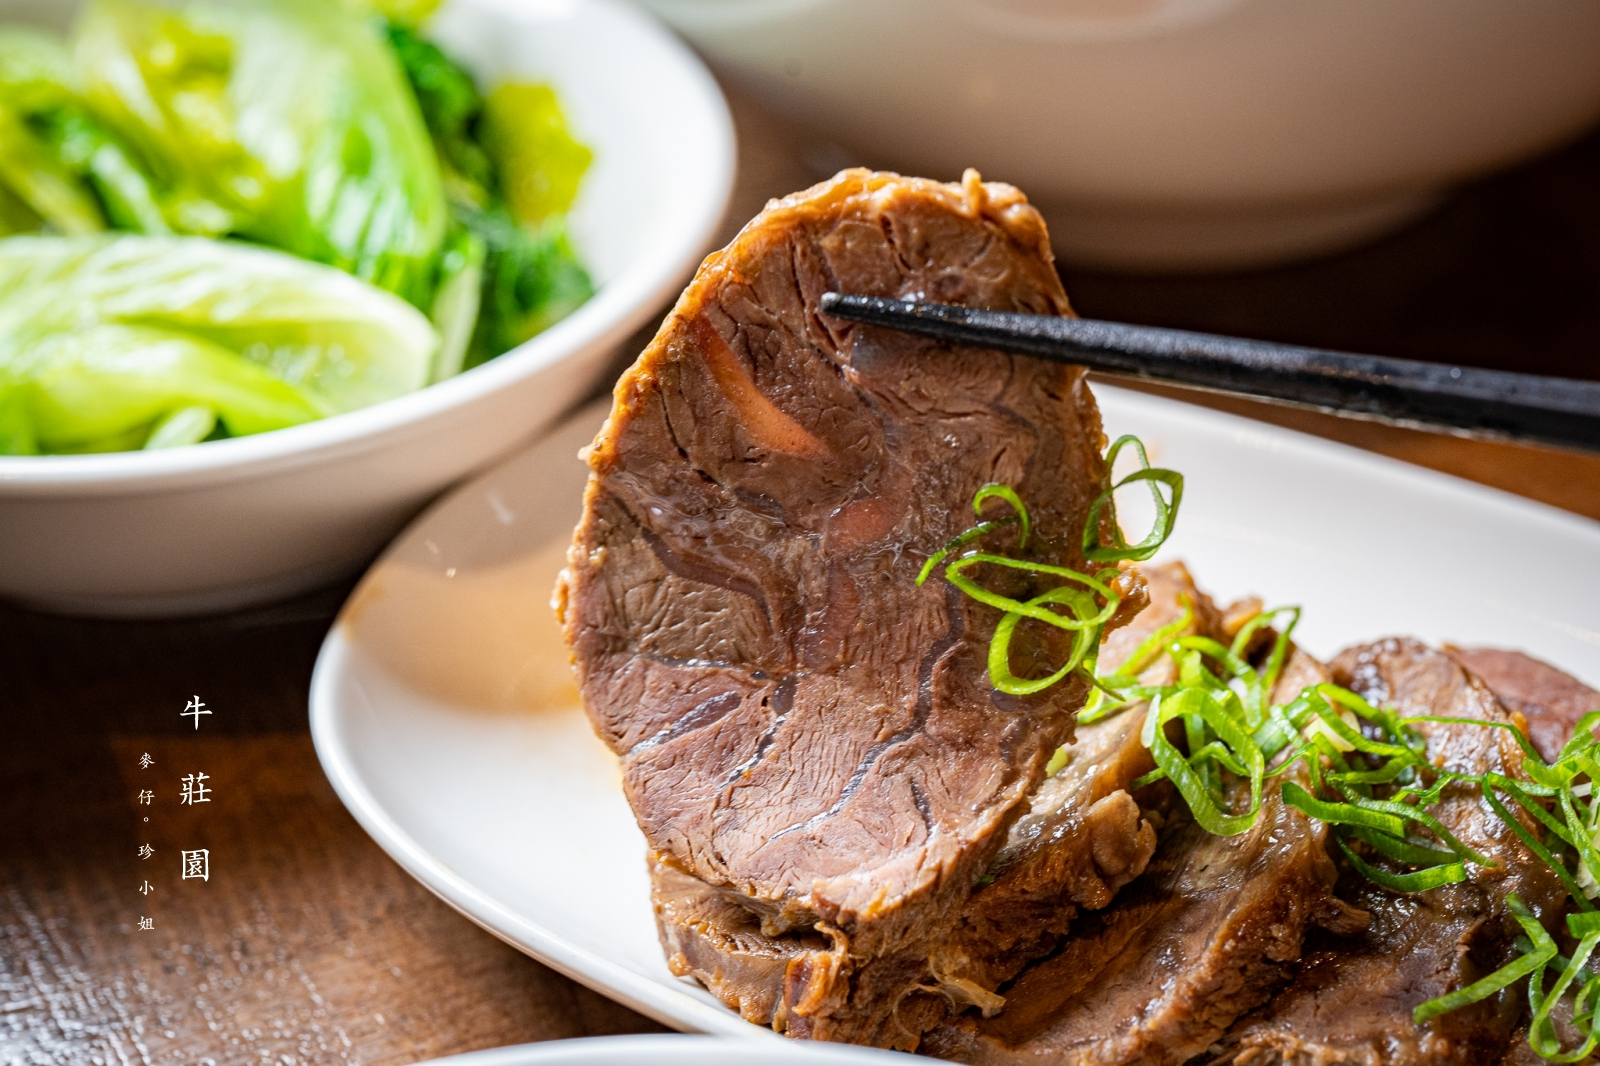 台北美食。牛莊園蔬果湯頭牛肉麵|一吃就會愛上的優秀好店值得一訪再訪,紅燒、清燉莊園牛肉麵都值得推薦,一次品嚐4種完全不同的牛肉口感|台北大安美食推薦